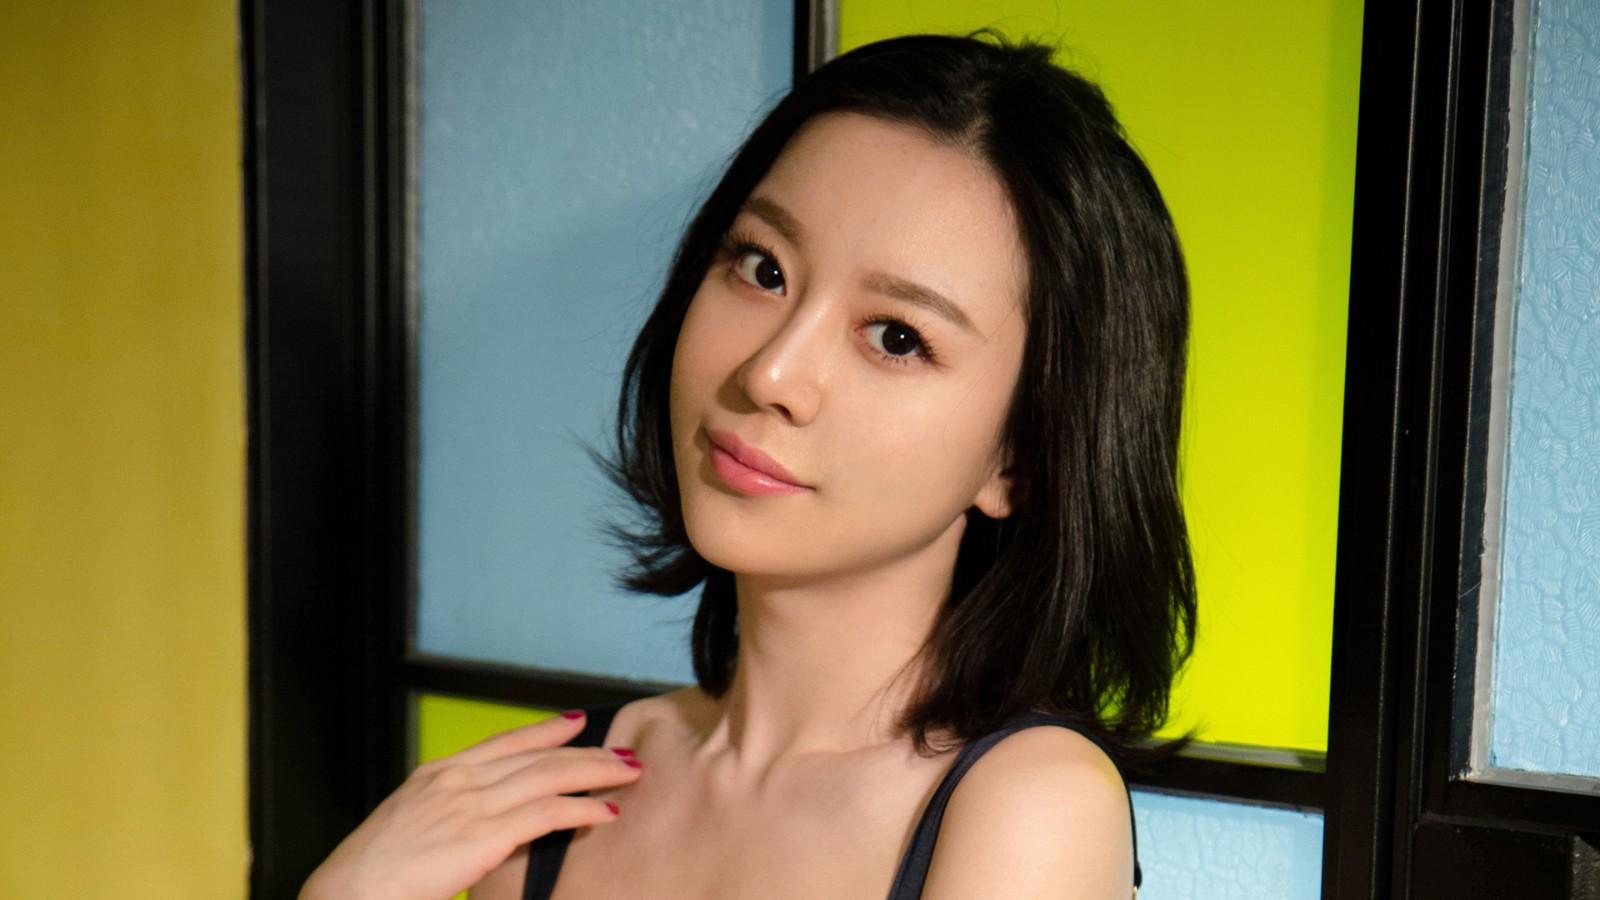 慕羽茜 短发美女模特桌面壁纸